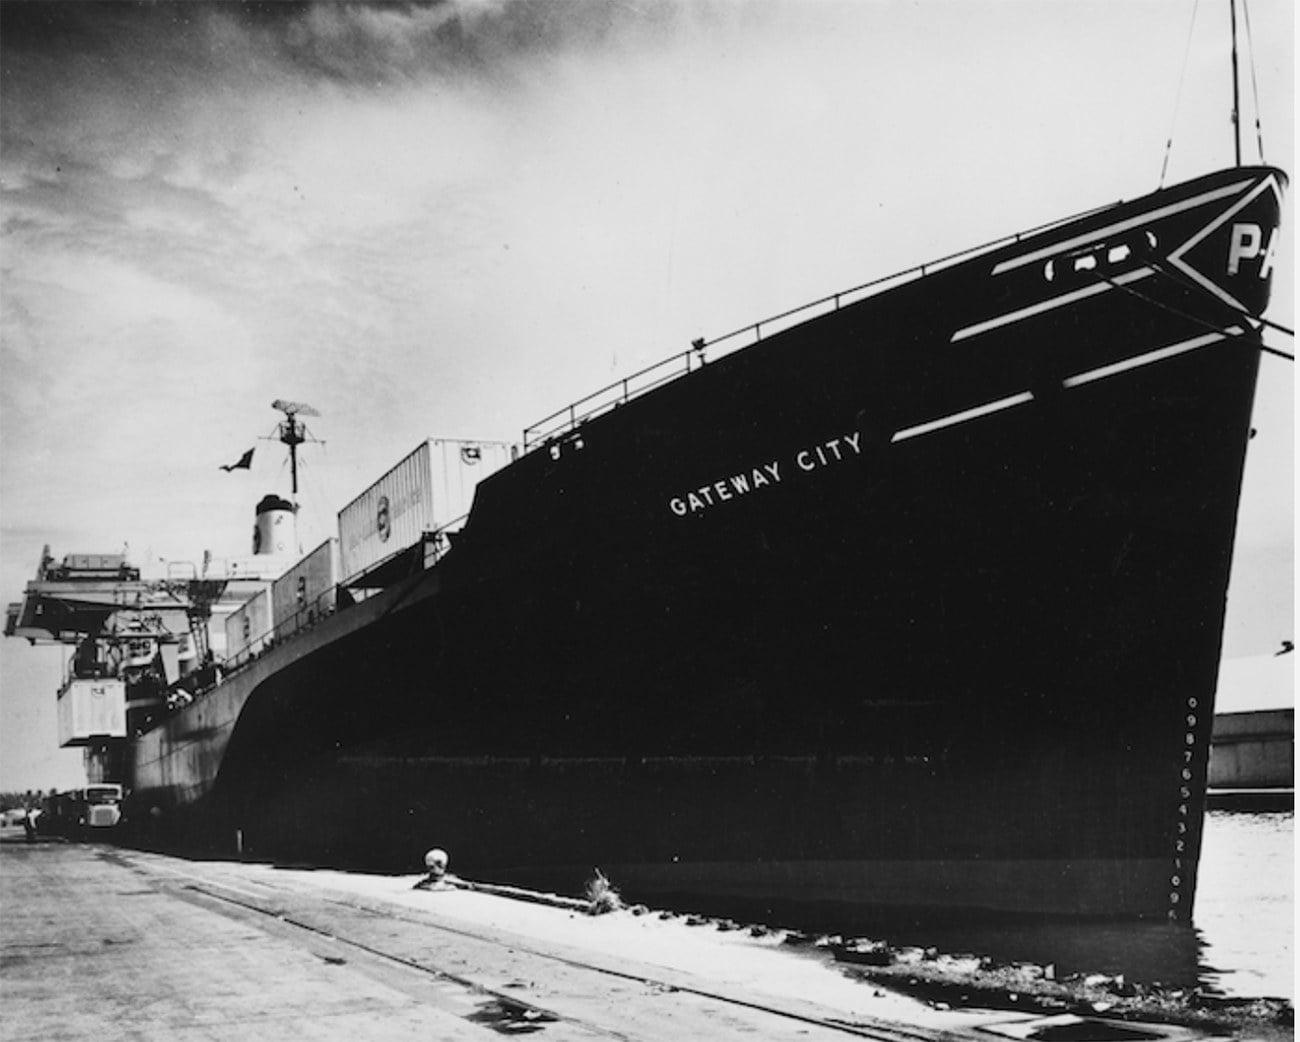 Imagem do navio porta contêiner Gateway City